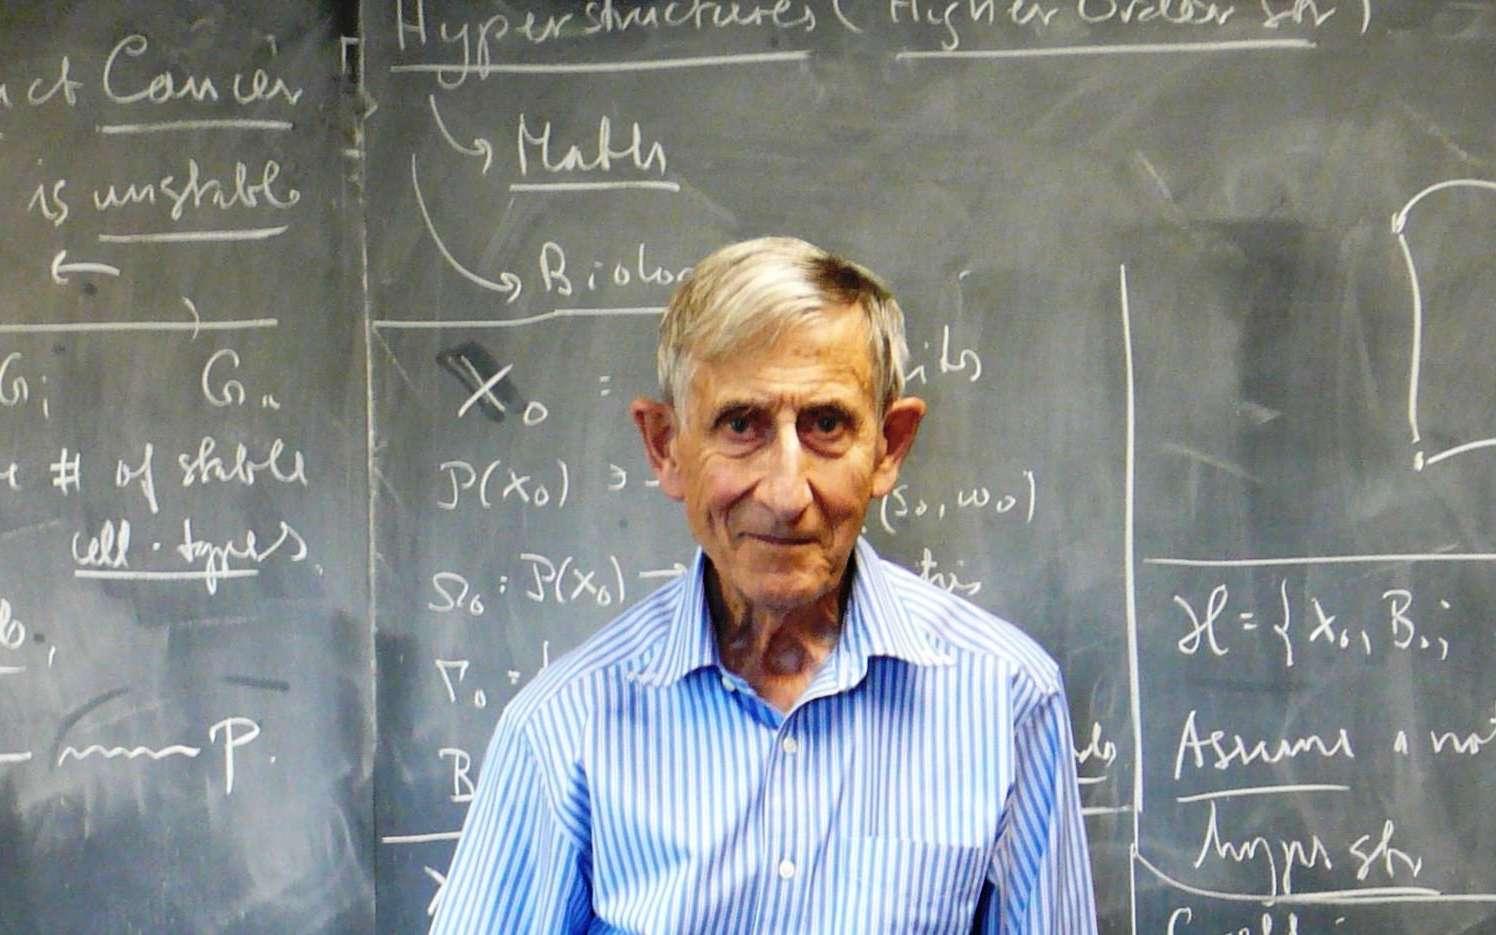 Freeman Dyson dans son bureau à l'université de Princeton. Le physicien a bien connu de grands noms de la physique comme Hans Bethe, qui a découvert comment brillaient les étoiles, et Robert Oppenheimer, pionnier de la physique des trous noirs et des étoiles à neutrons. Dyson fut le premier à comprendre l'importance des travaux de Richard Feynman sur l'électrodynamique quantique relativiste, dont il donna une forme plus rigoureuse ; ce qui lui permit, sans doctorat, de décrocher un poste à vie à l'université de Princeton. © Monroem, Wikipédia, cc by sa 3.0